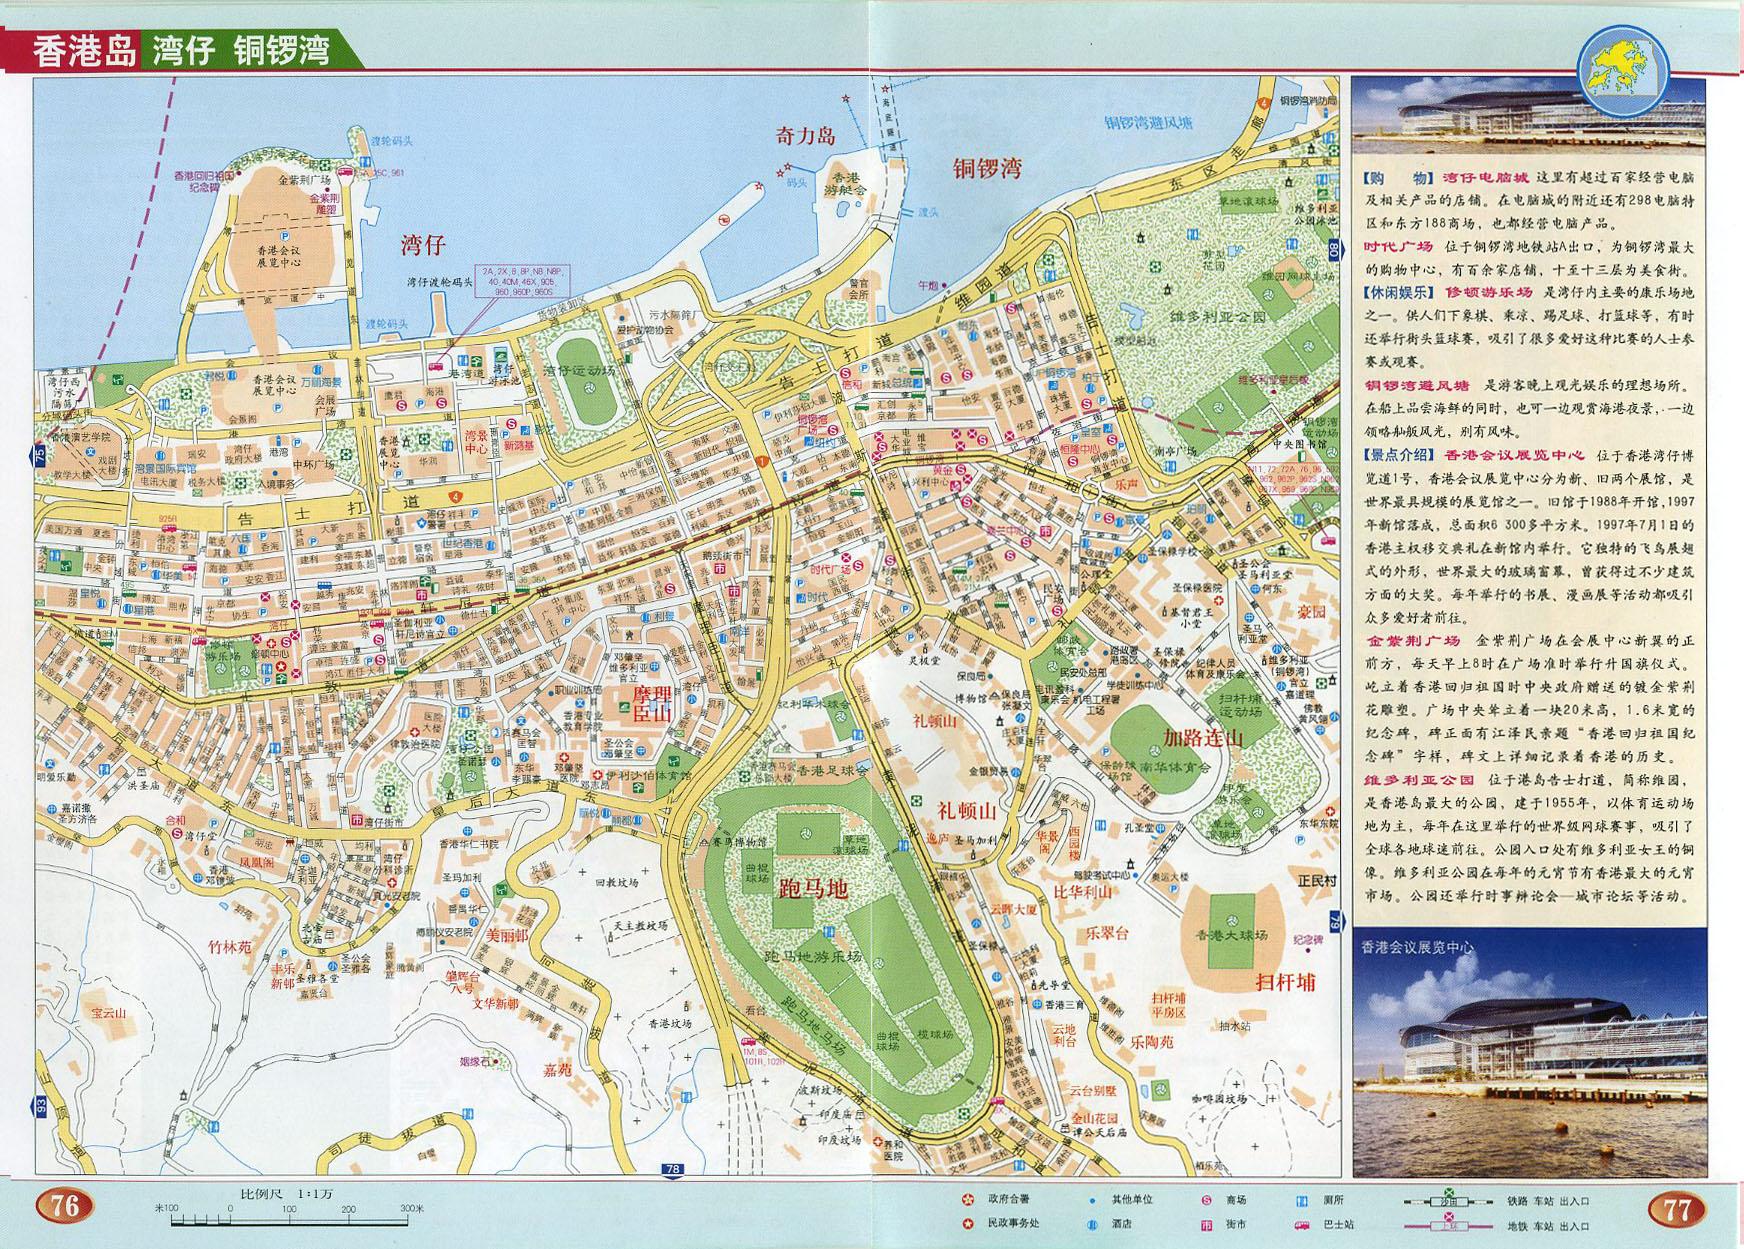 香港岛 湾仔地图高清版